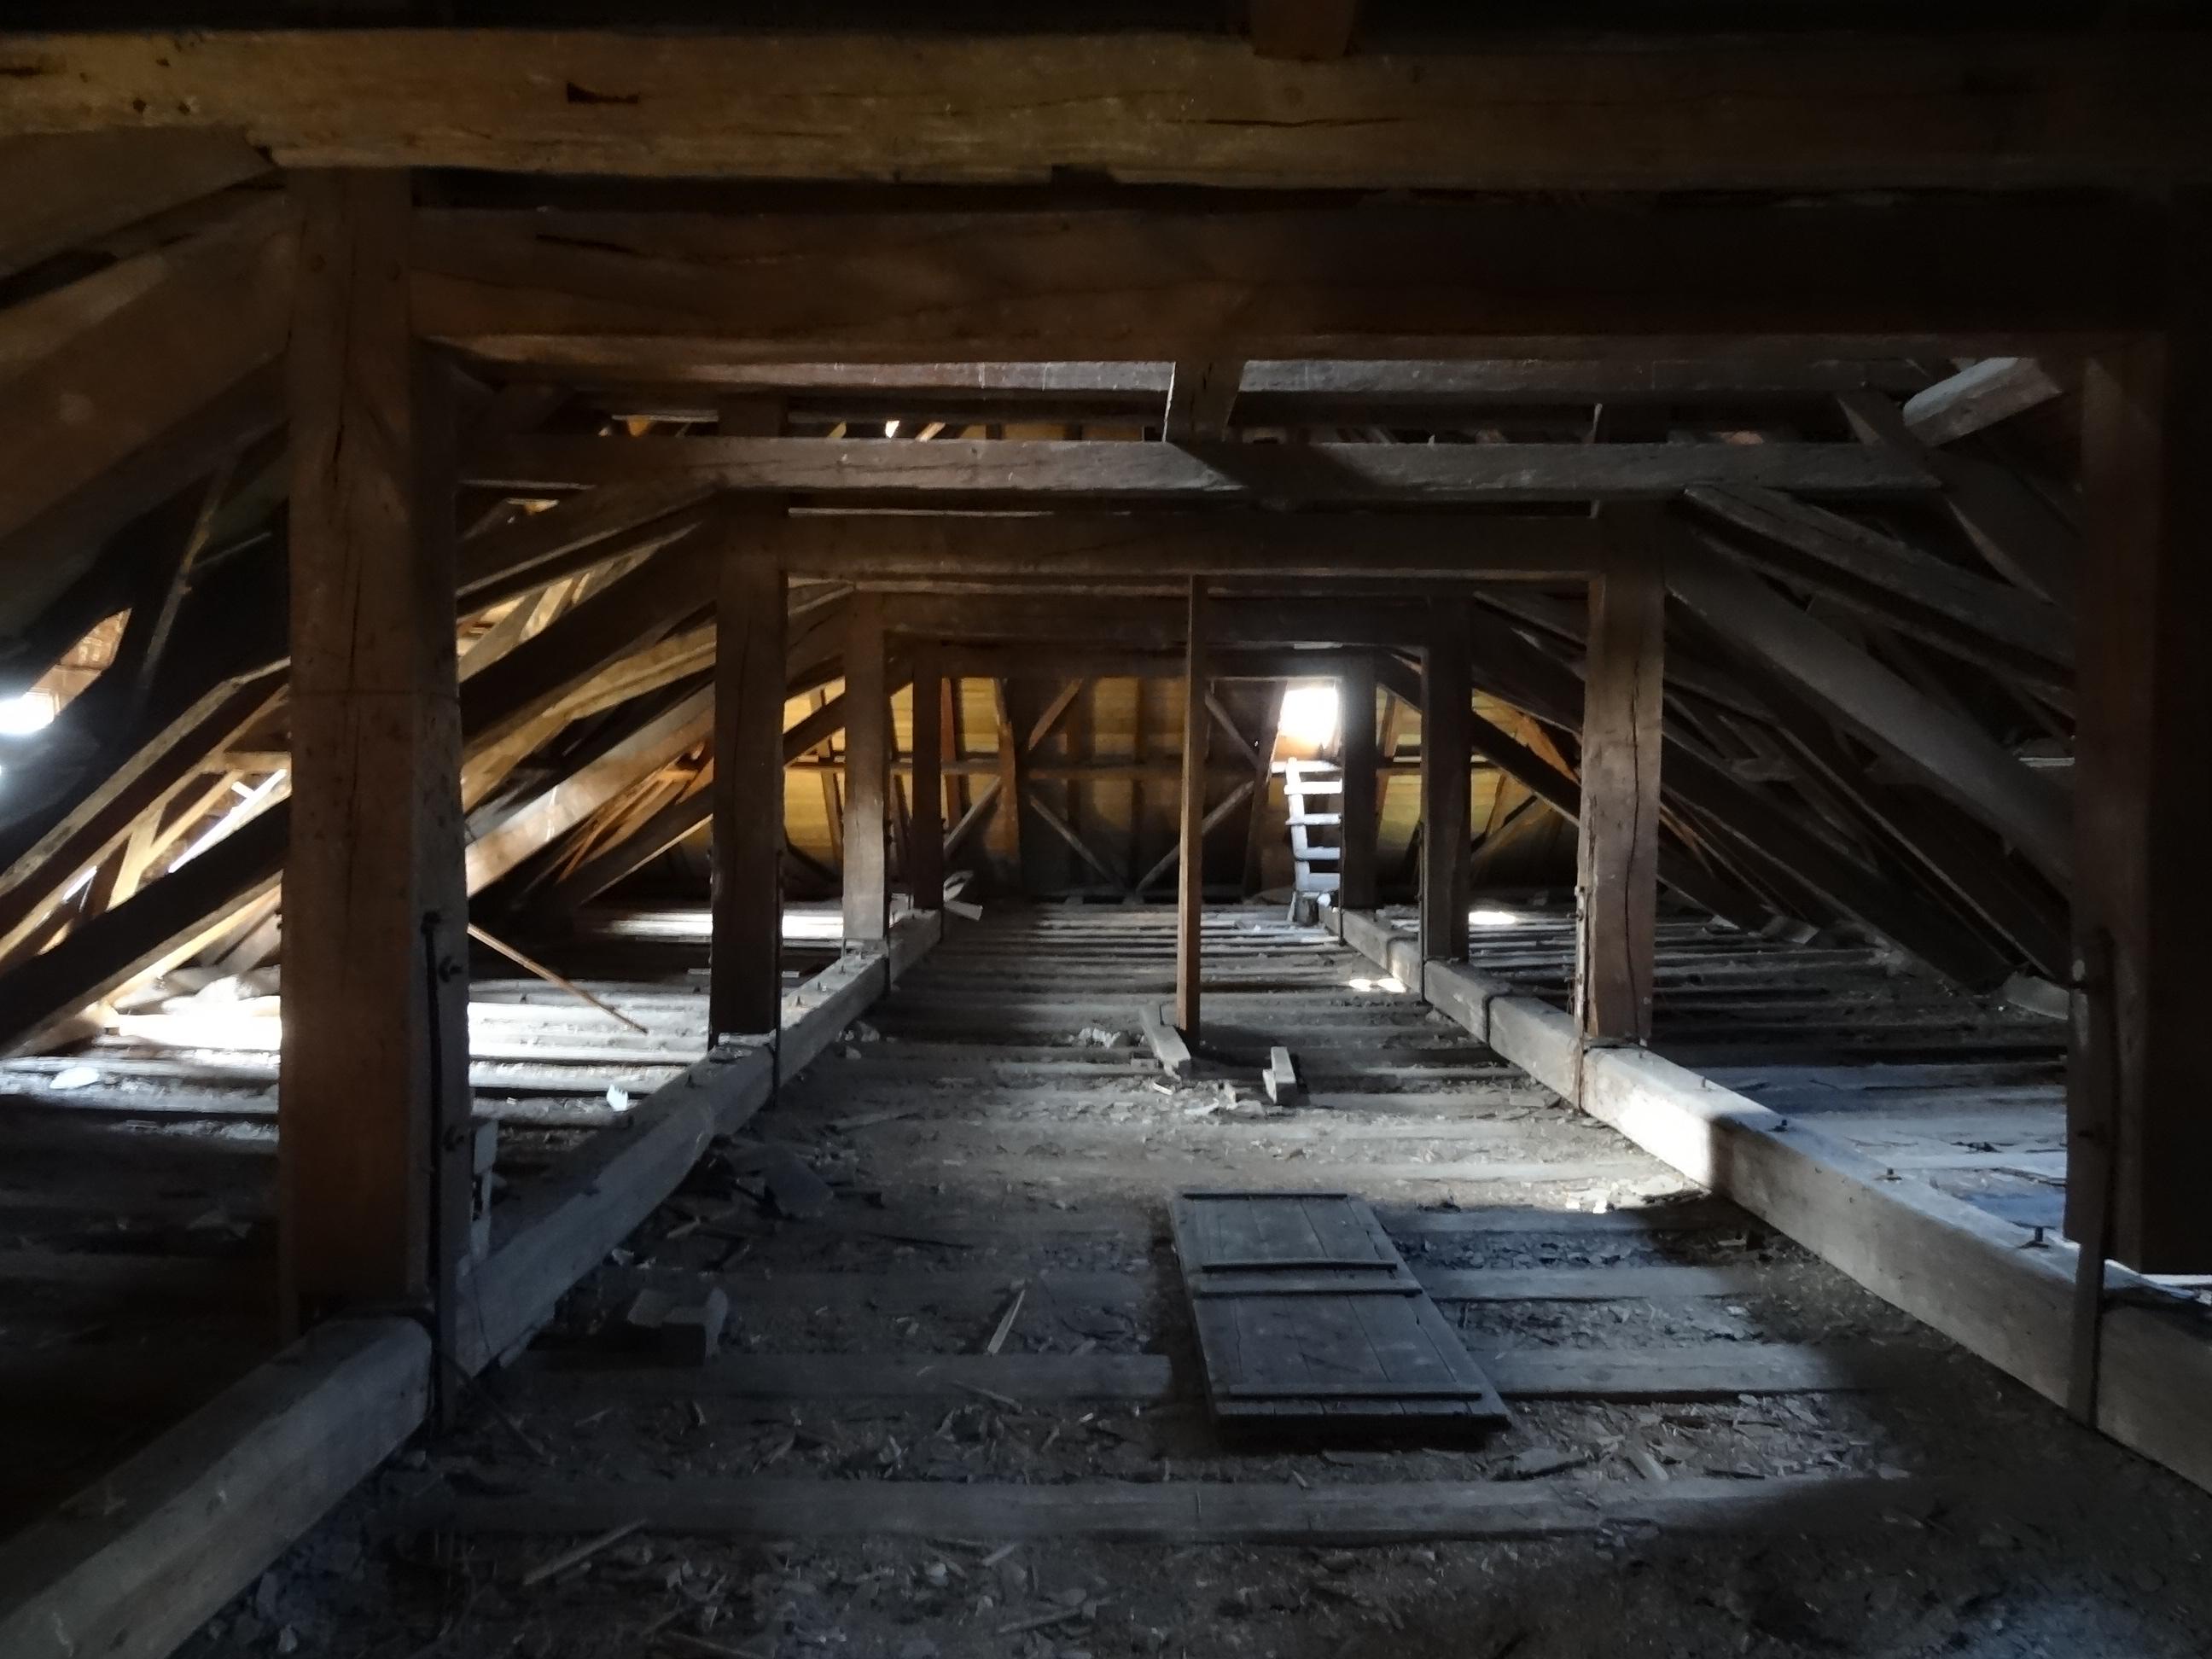 Bezaubernd Dachboden Dekoration Von File:evangelische Kirche Bellersheim 01.jpg